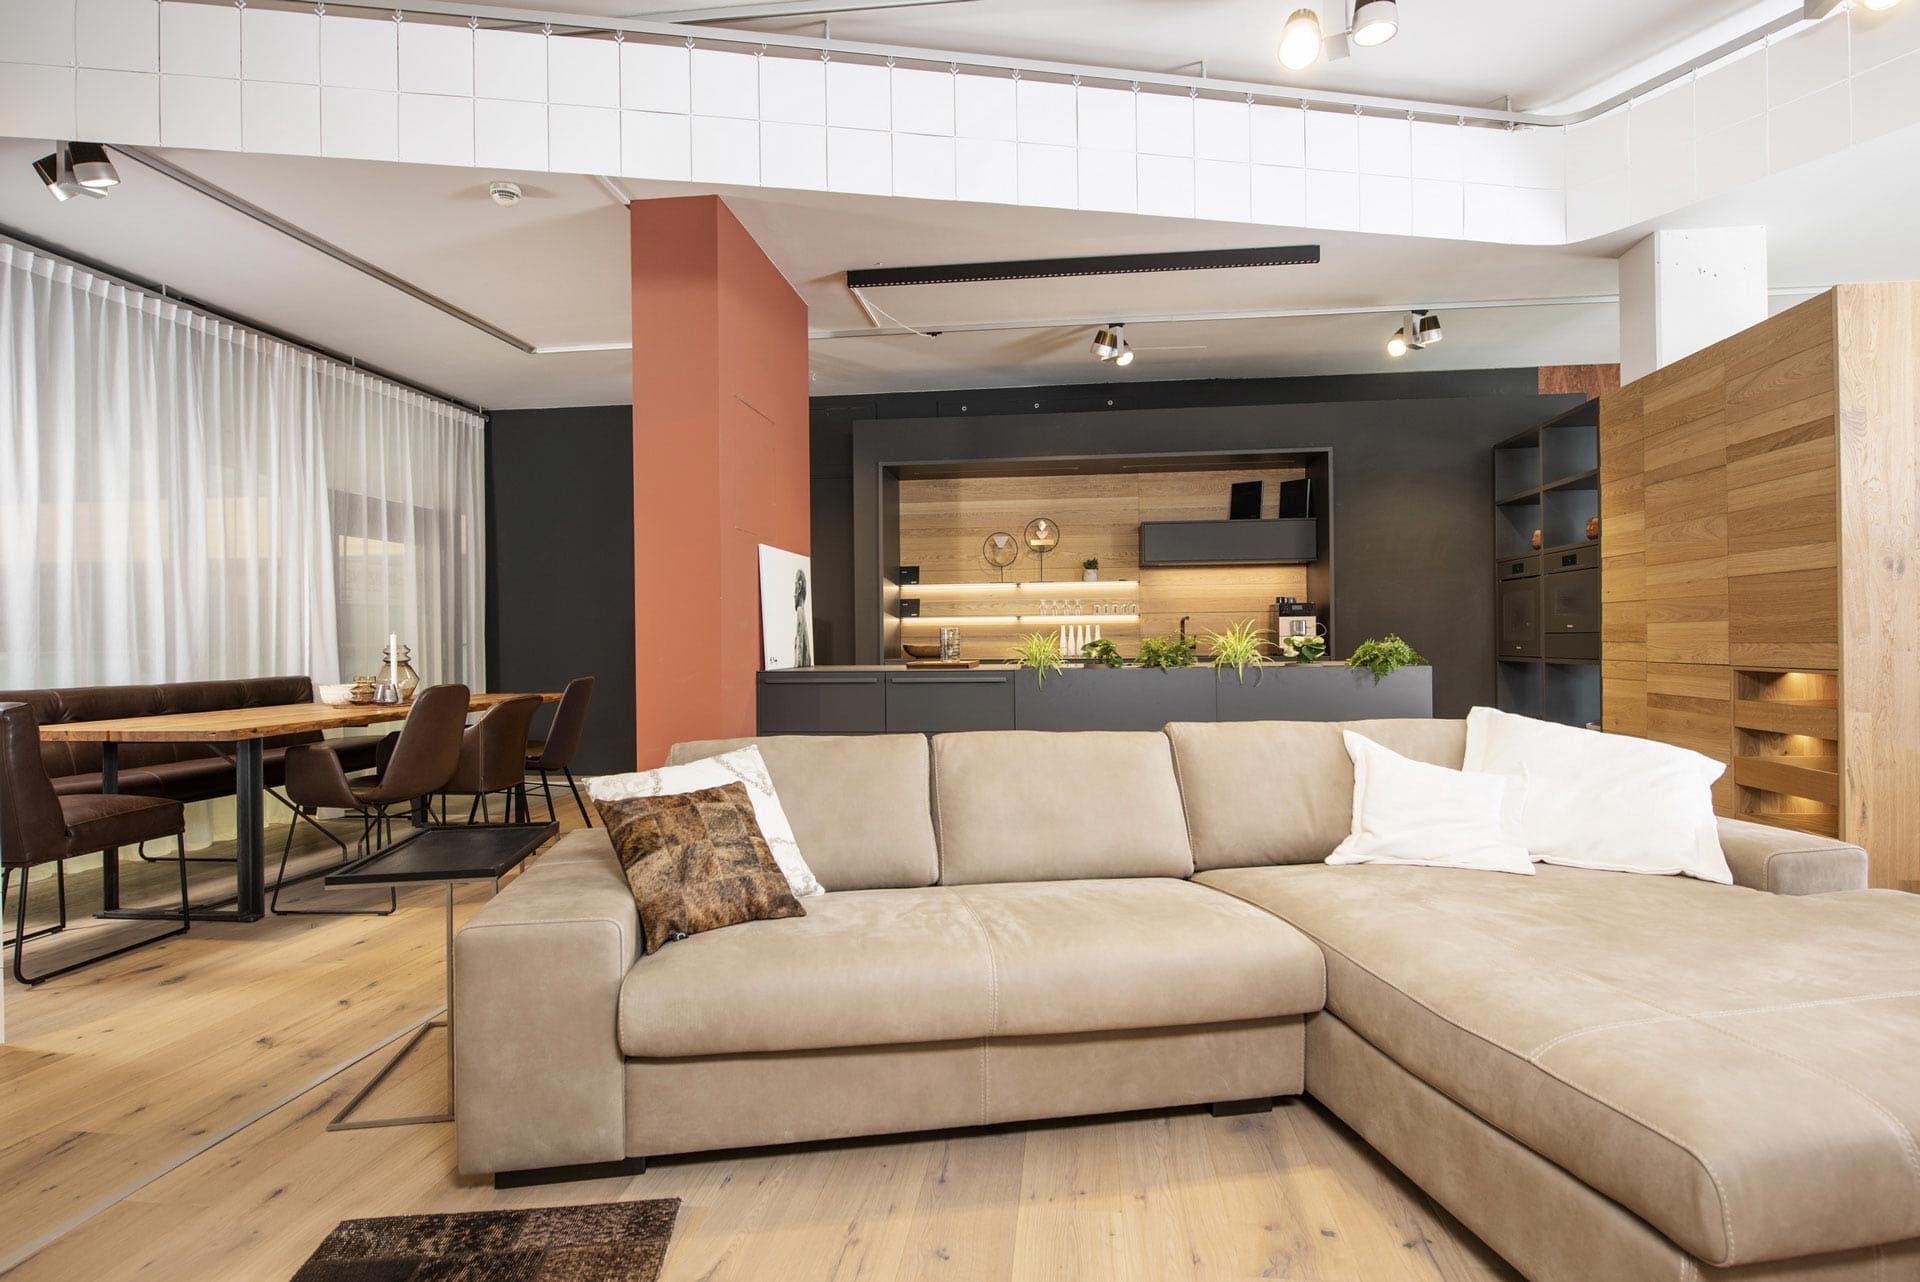 couchzone - Interior Design Innsbruck - Küchen und Möbel